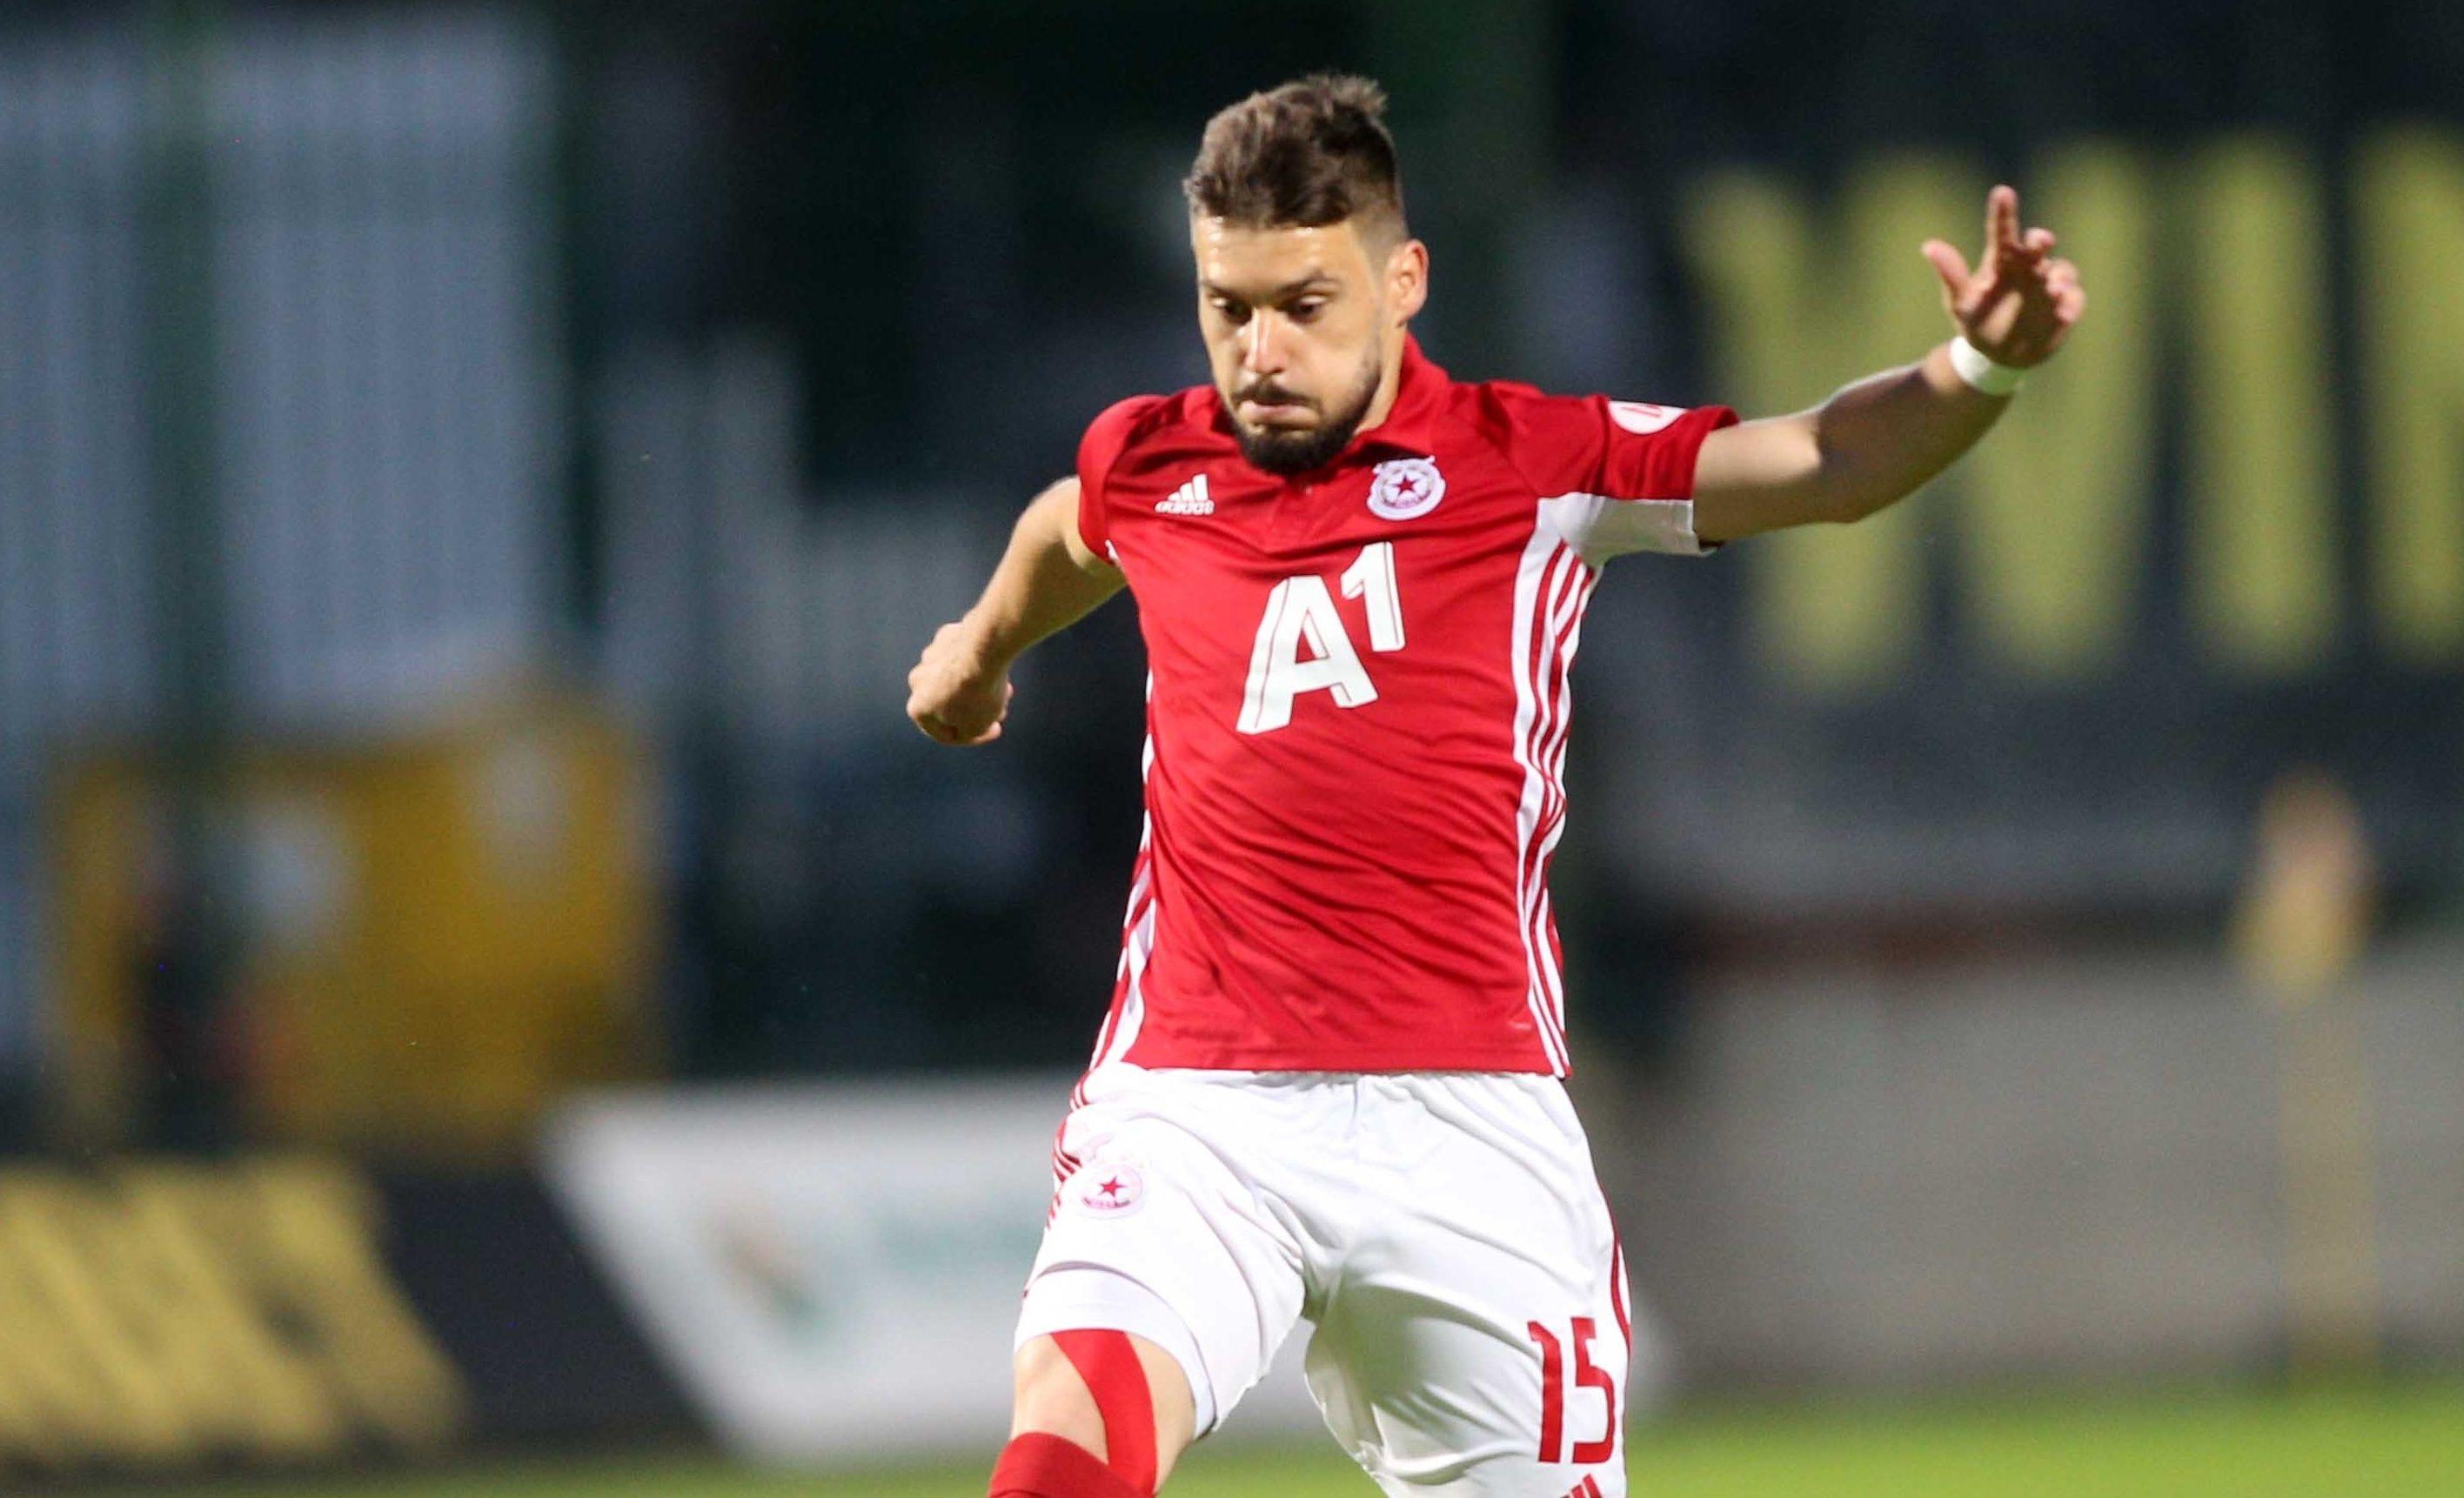 Един от водещите белгийски отбори Мехелен иска халфа на ЦСКА-София